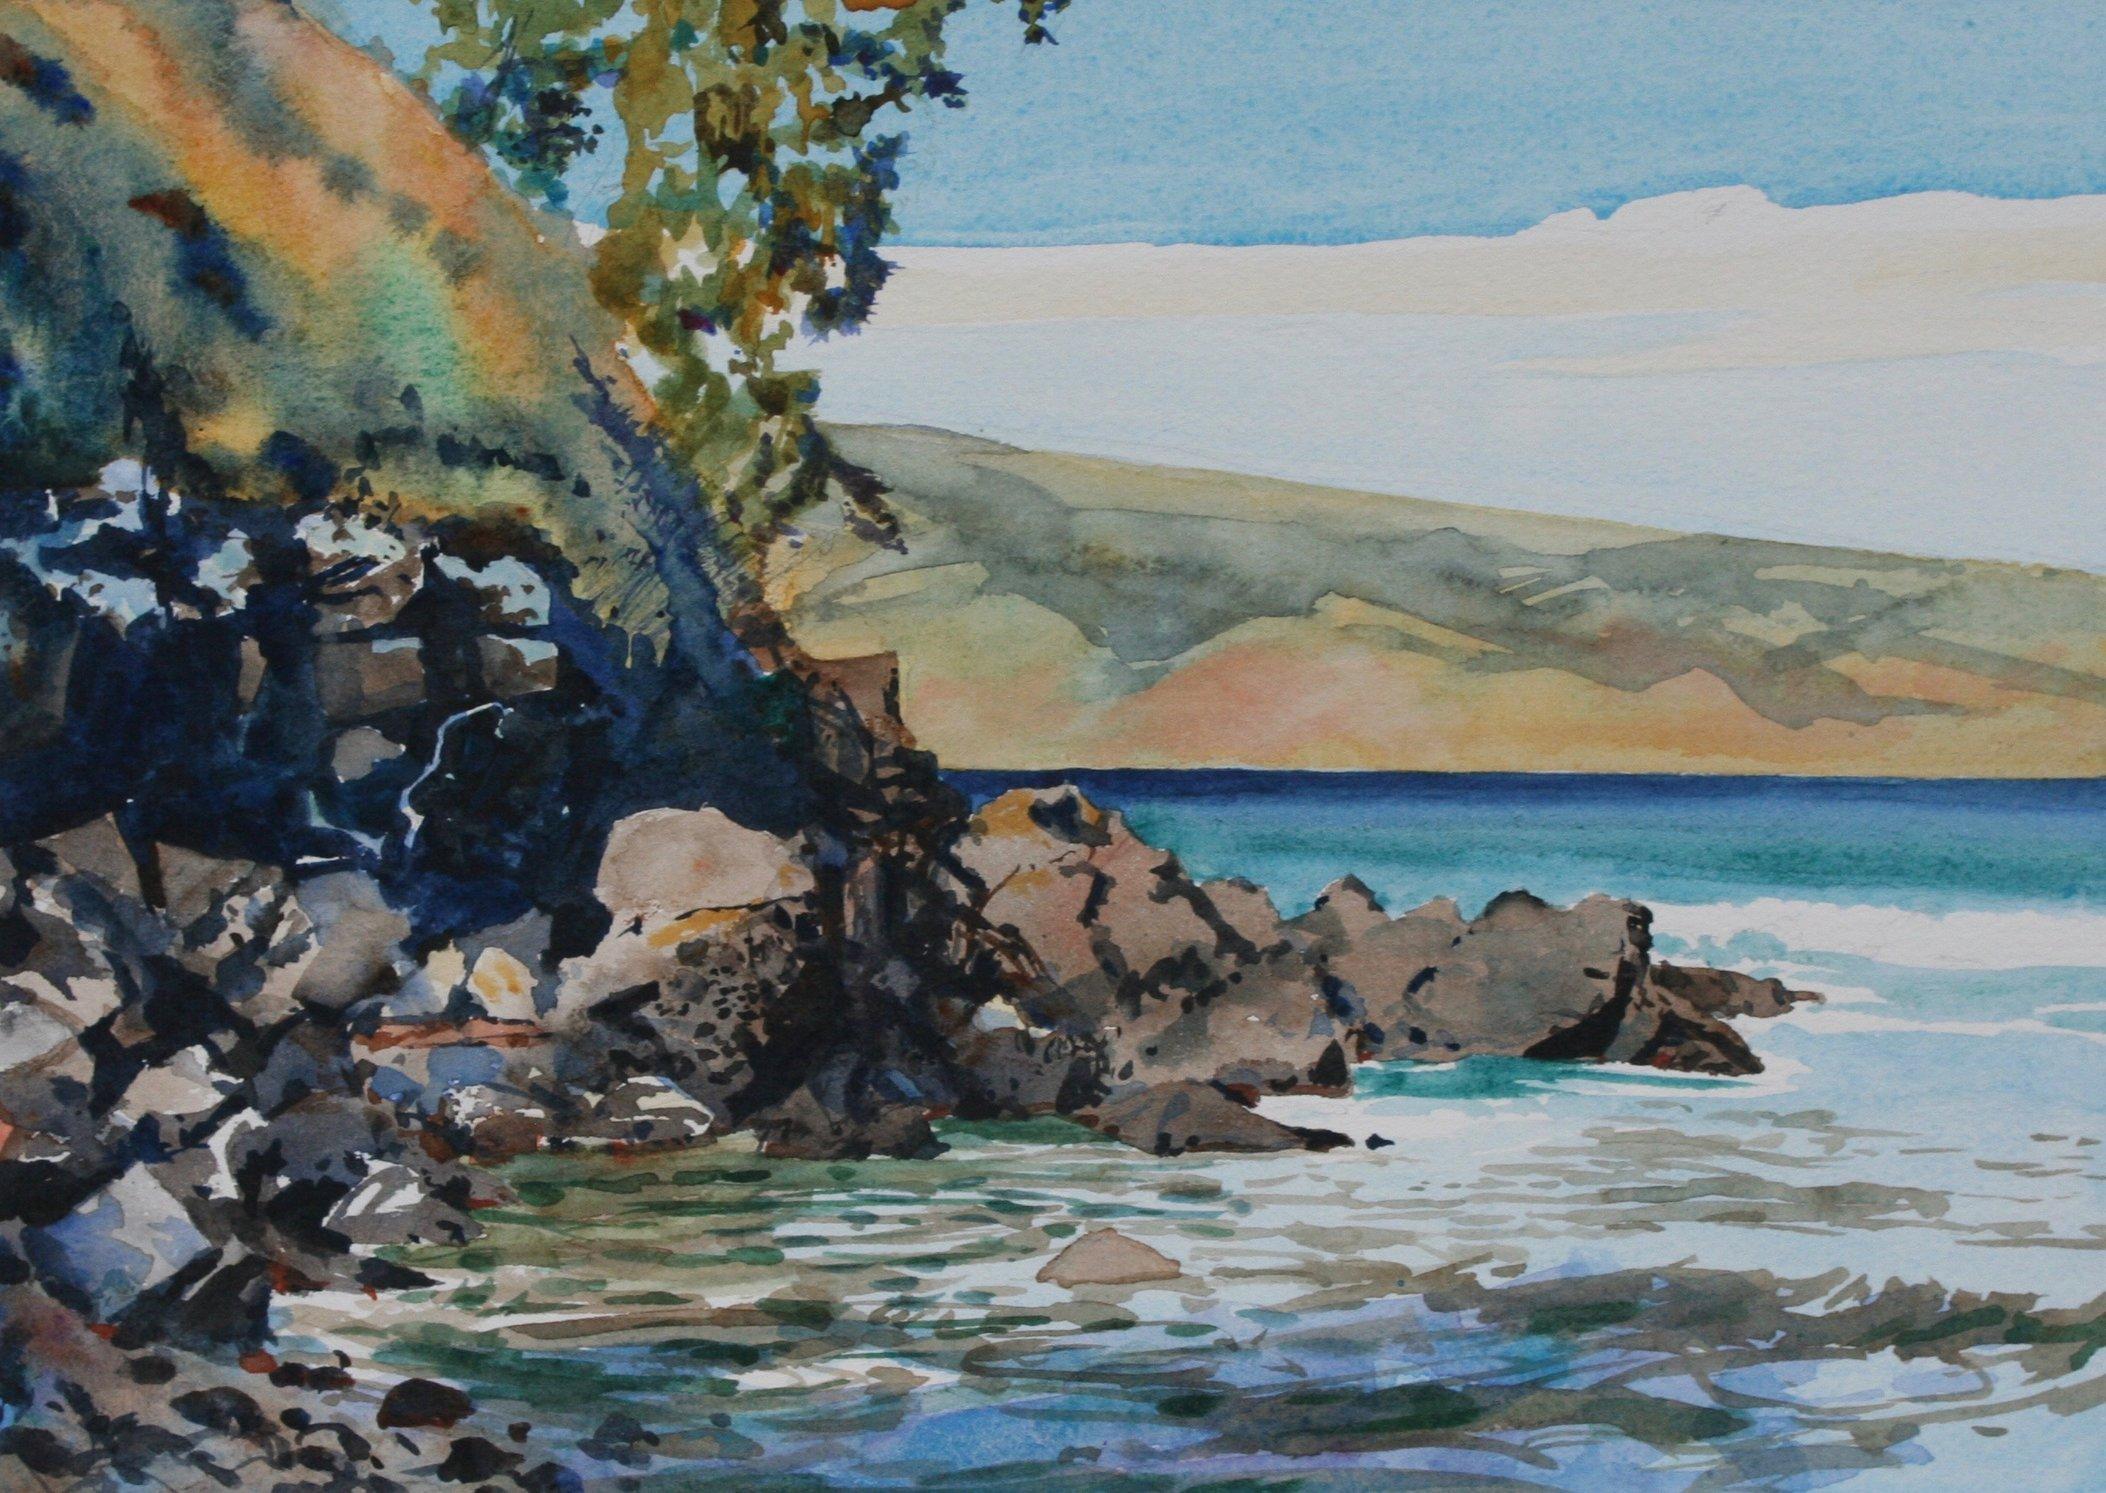 Honoloa Bay cliffs